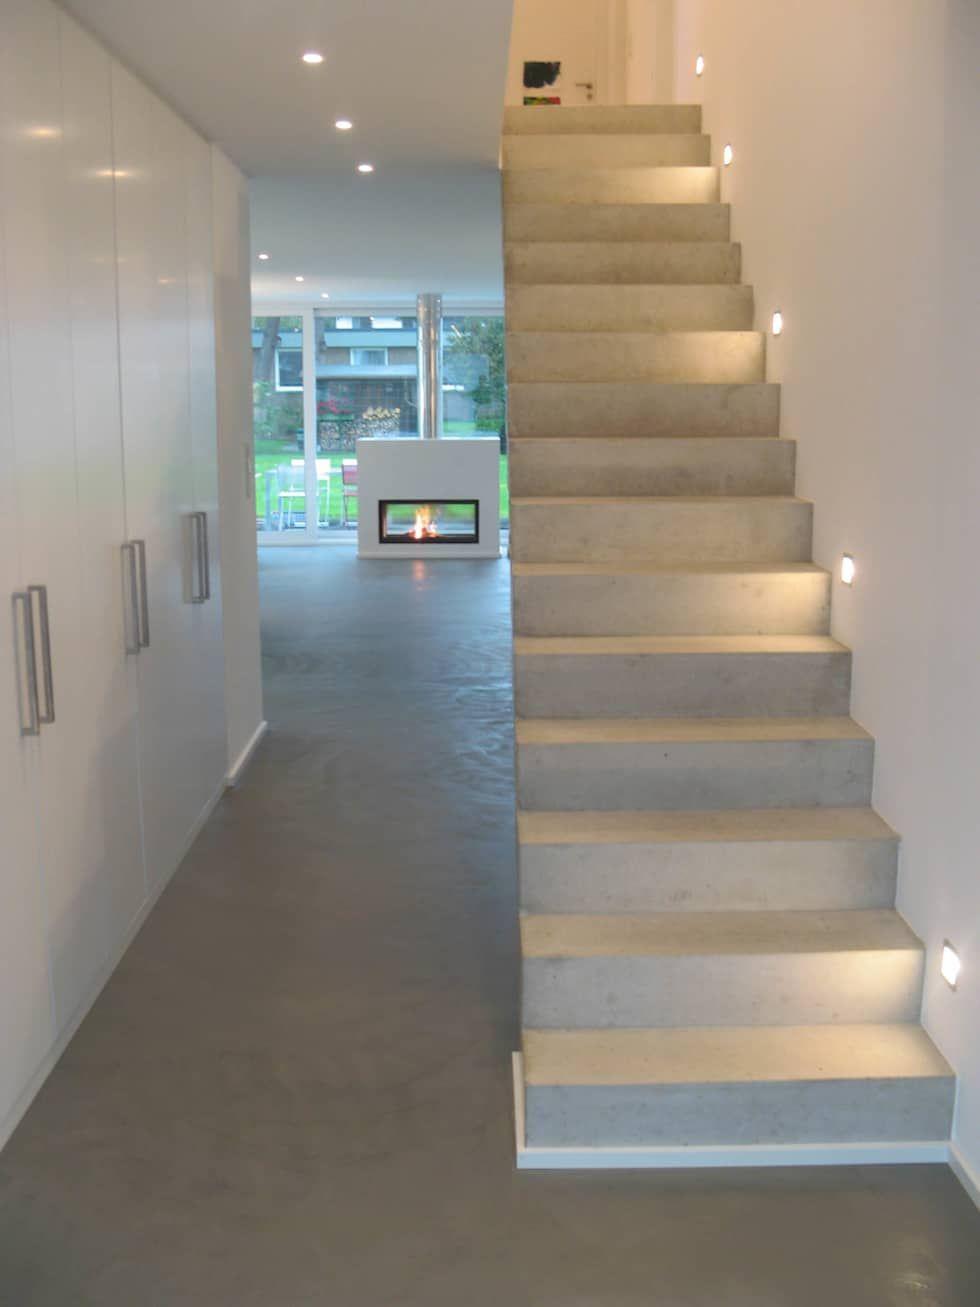 Wohnideen Neubau wohnideen interior design einrichtungsideen bilder treppenhaus